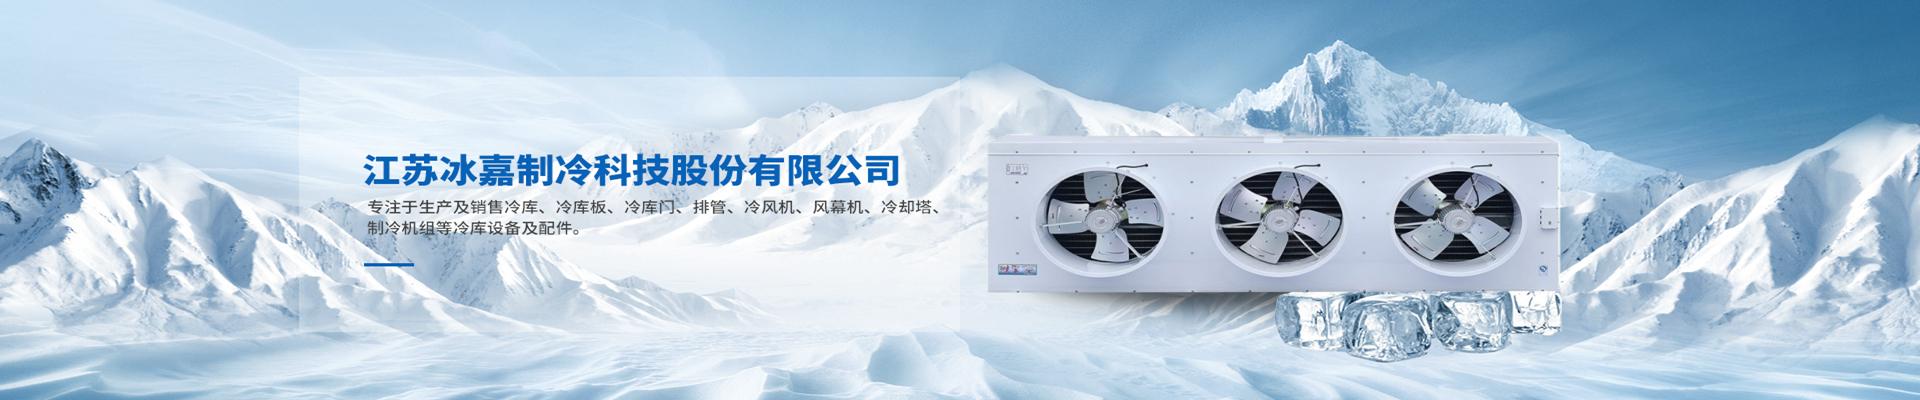 江苏冰嘉制冷科技股份有限公司公司介绍